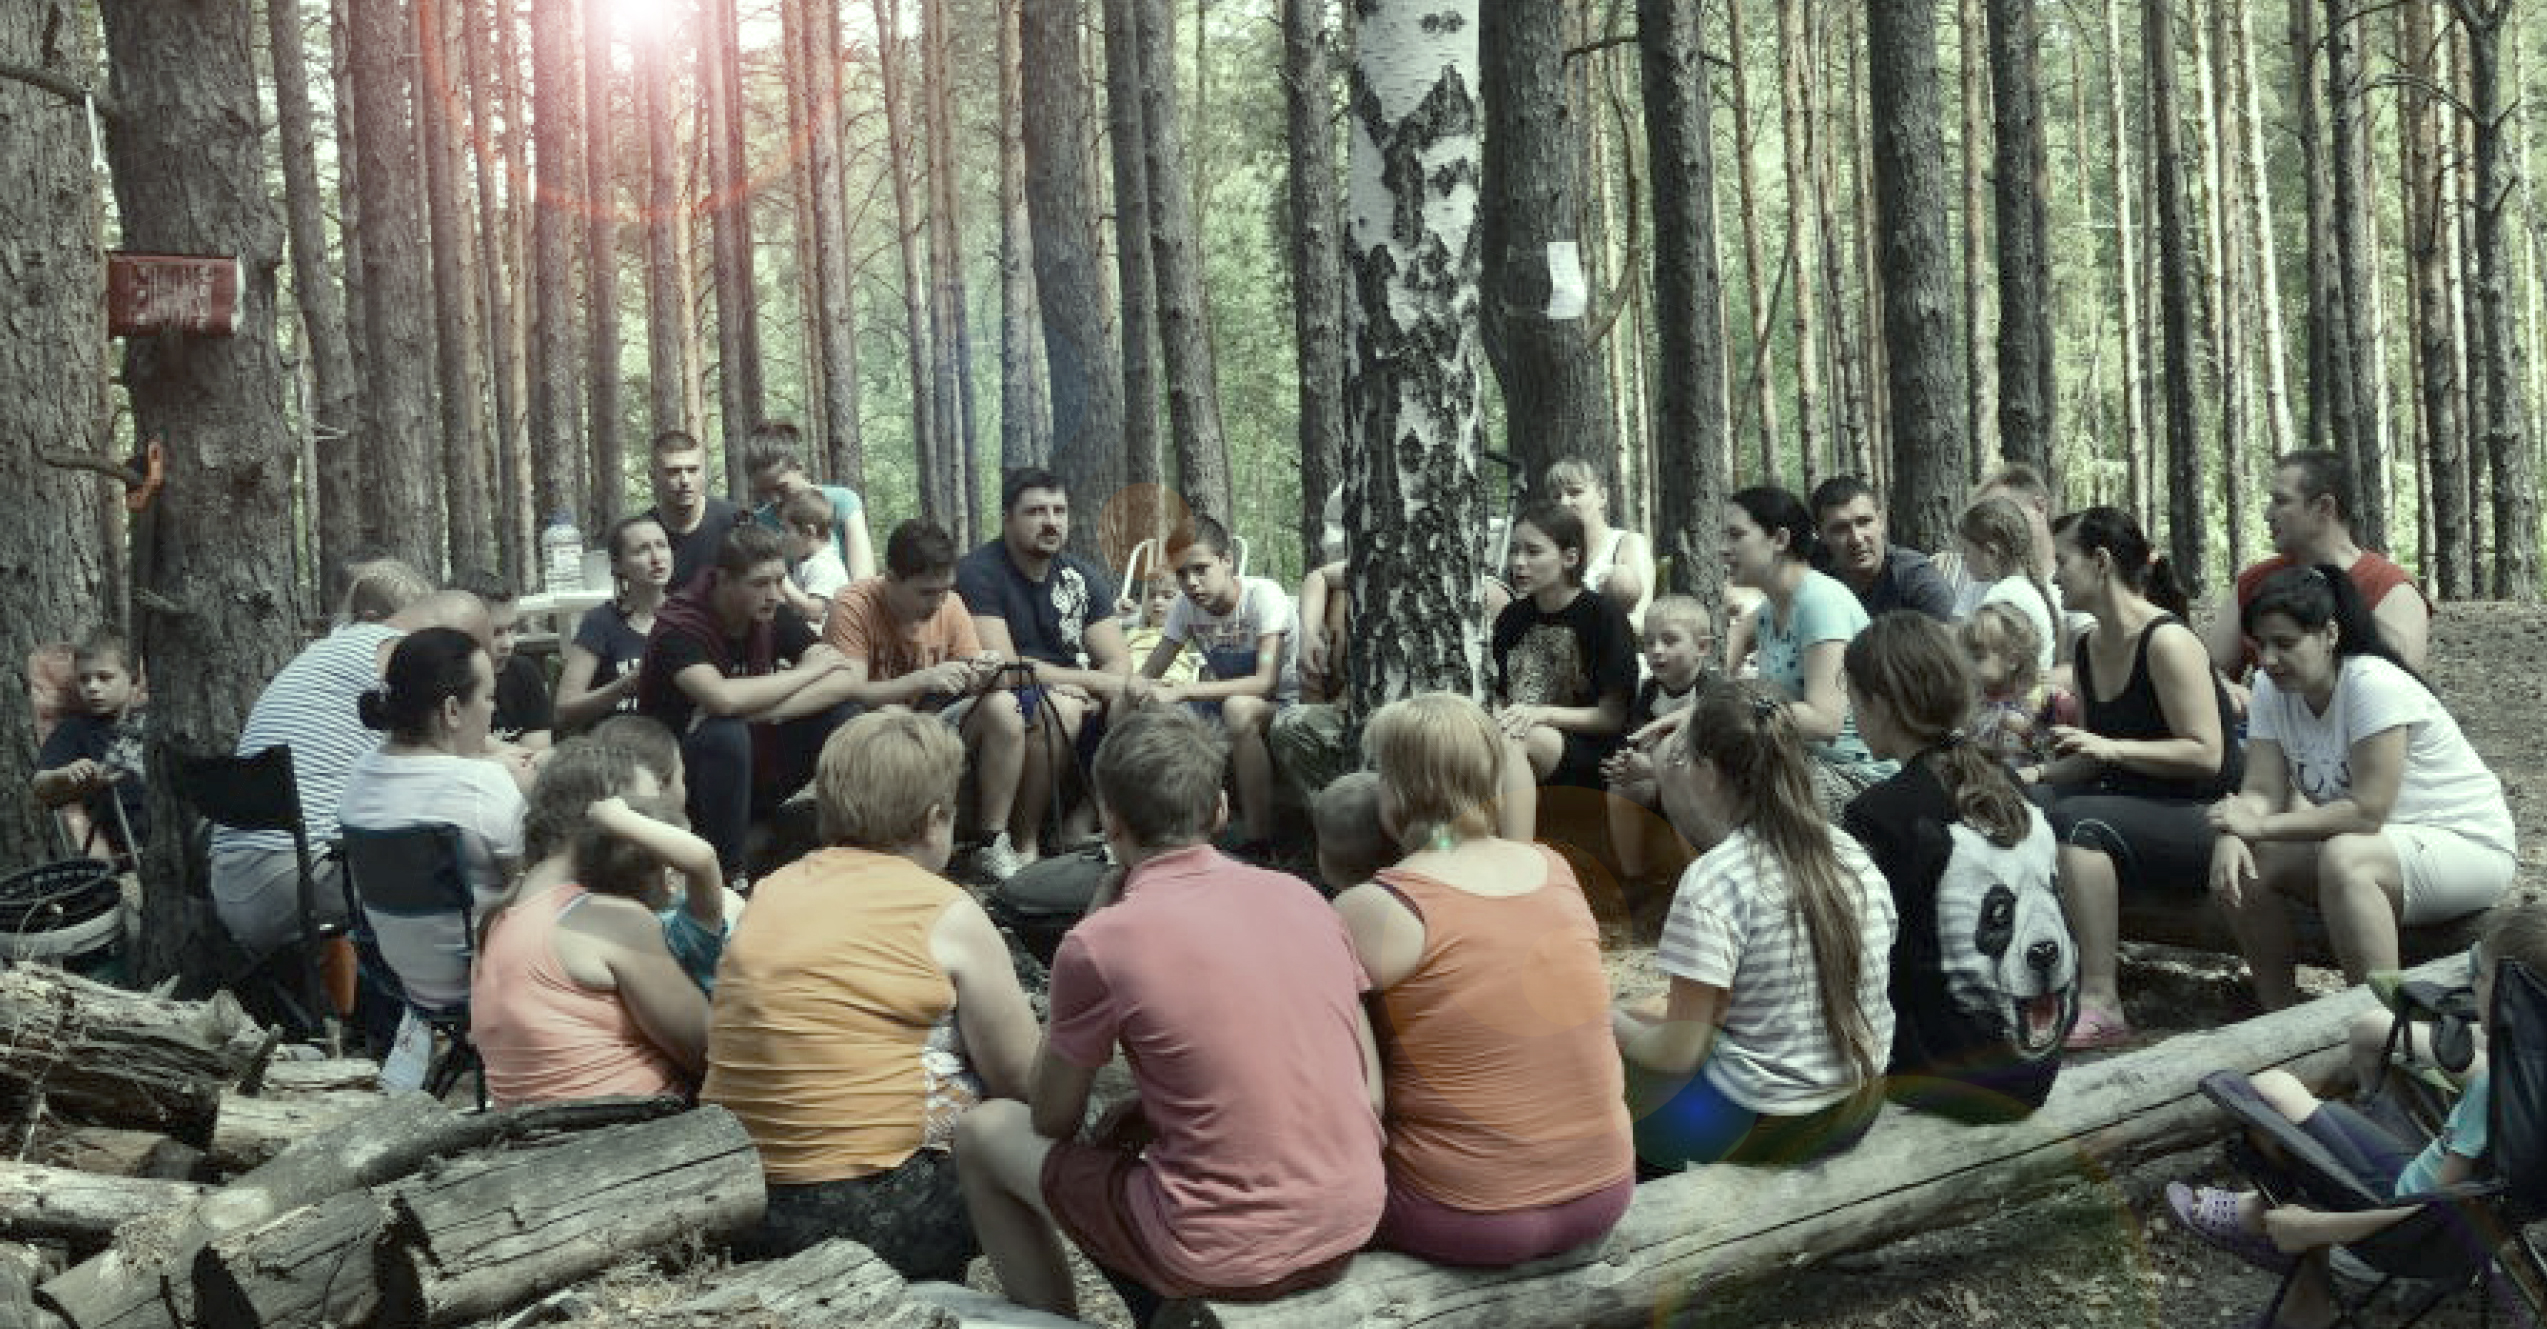 ЦЕРКОВЬ В ЛЕСУ. Как антимиссионерские законы влияют на евангельскую церковь России?